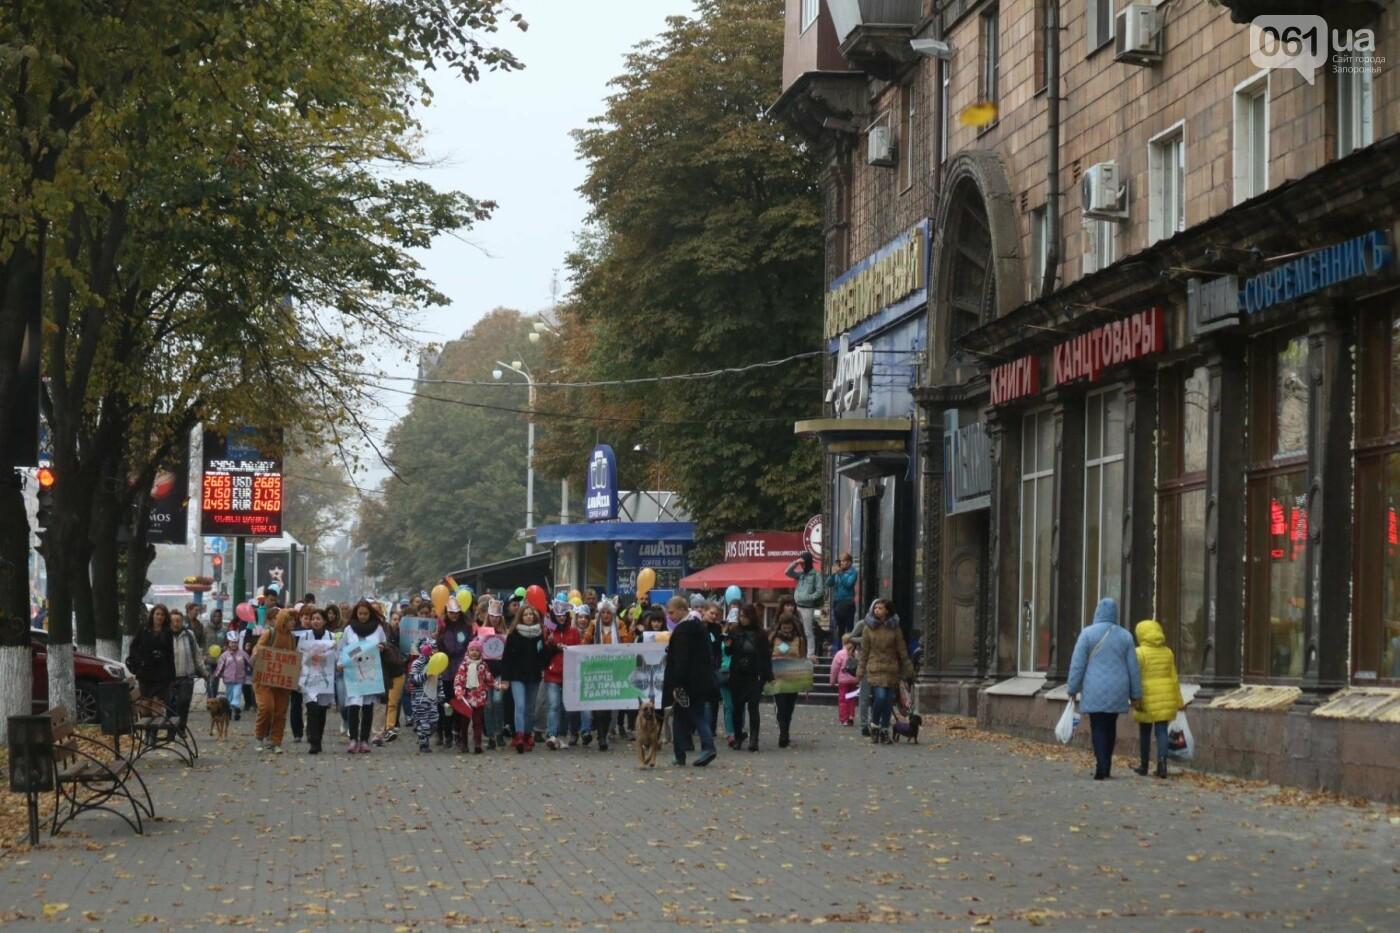 В Запорожье прошел марш за права животных, - ФОТОРЕПОРТАЖ, фото-24